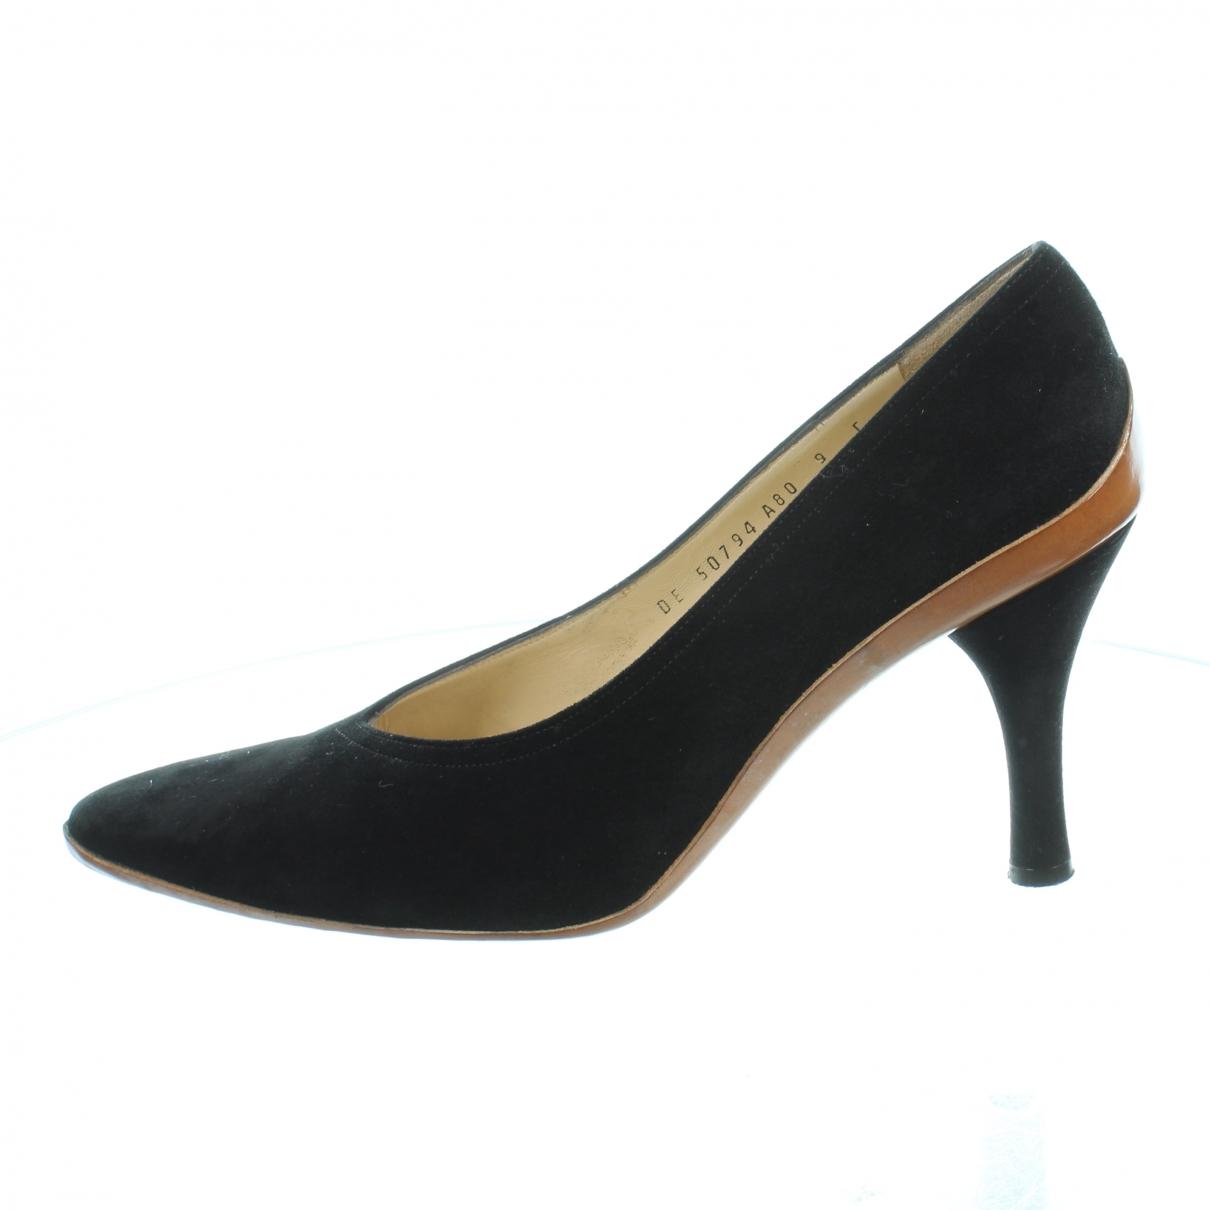 Salvatore Ferragamo \N Black Suede Heels for Women 9 US